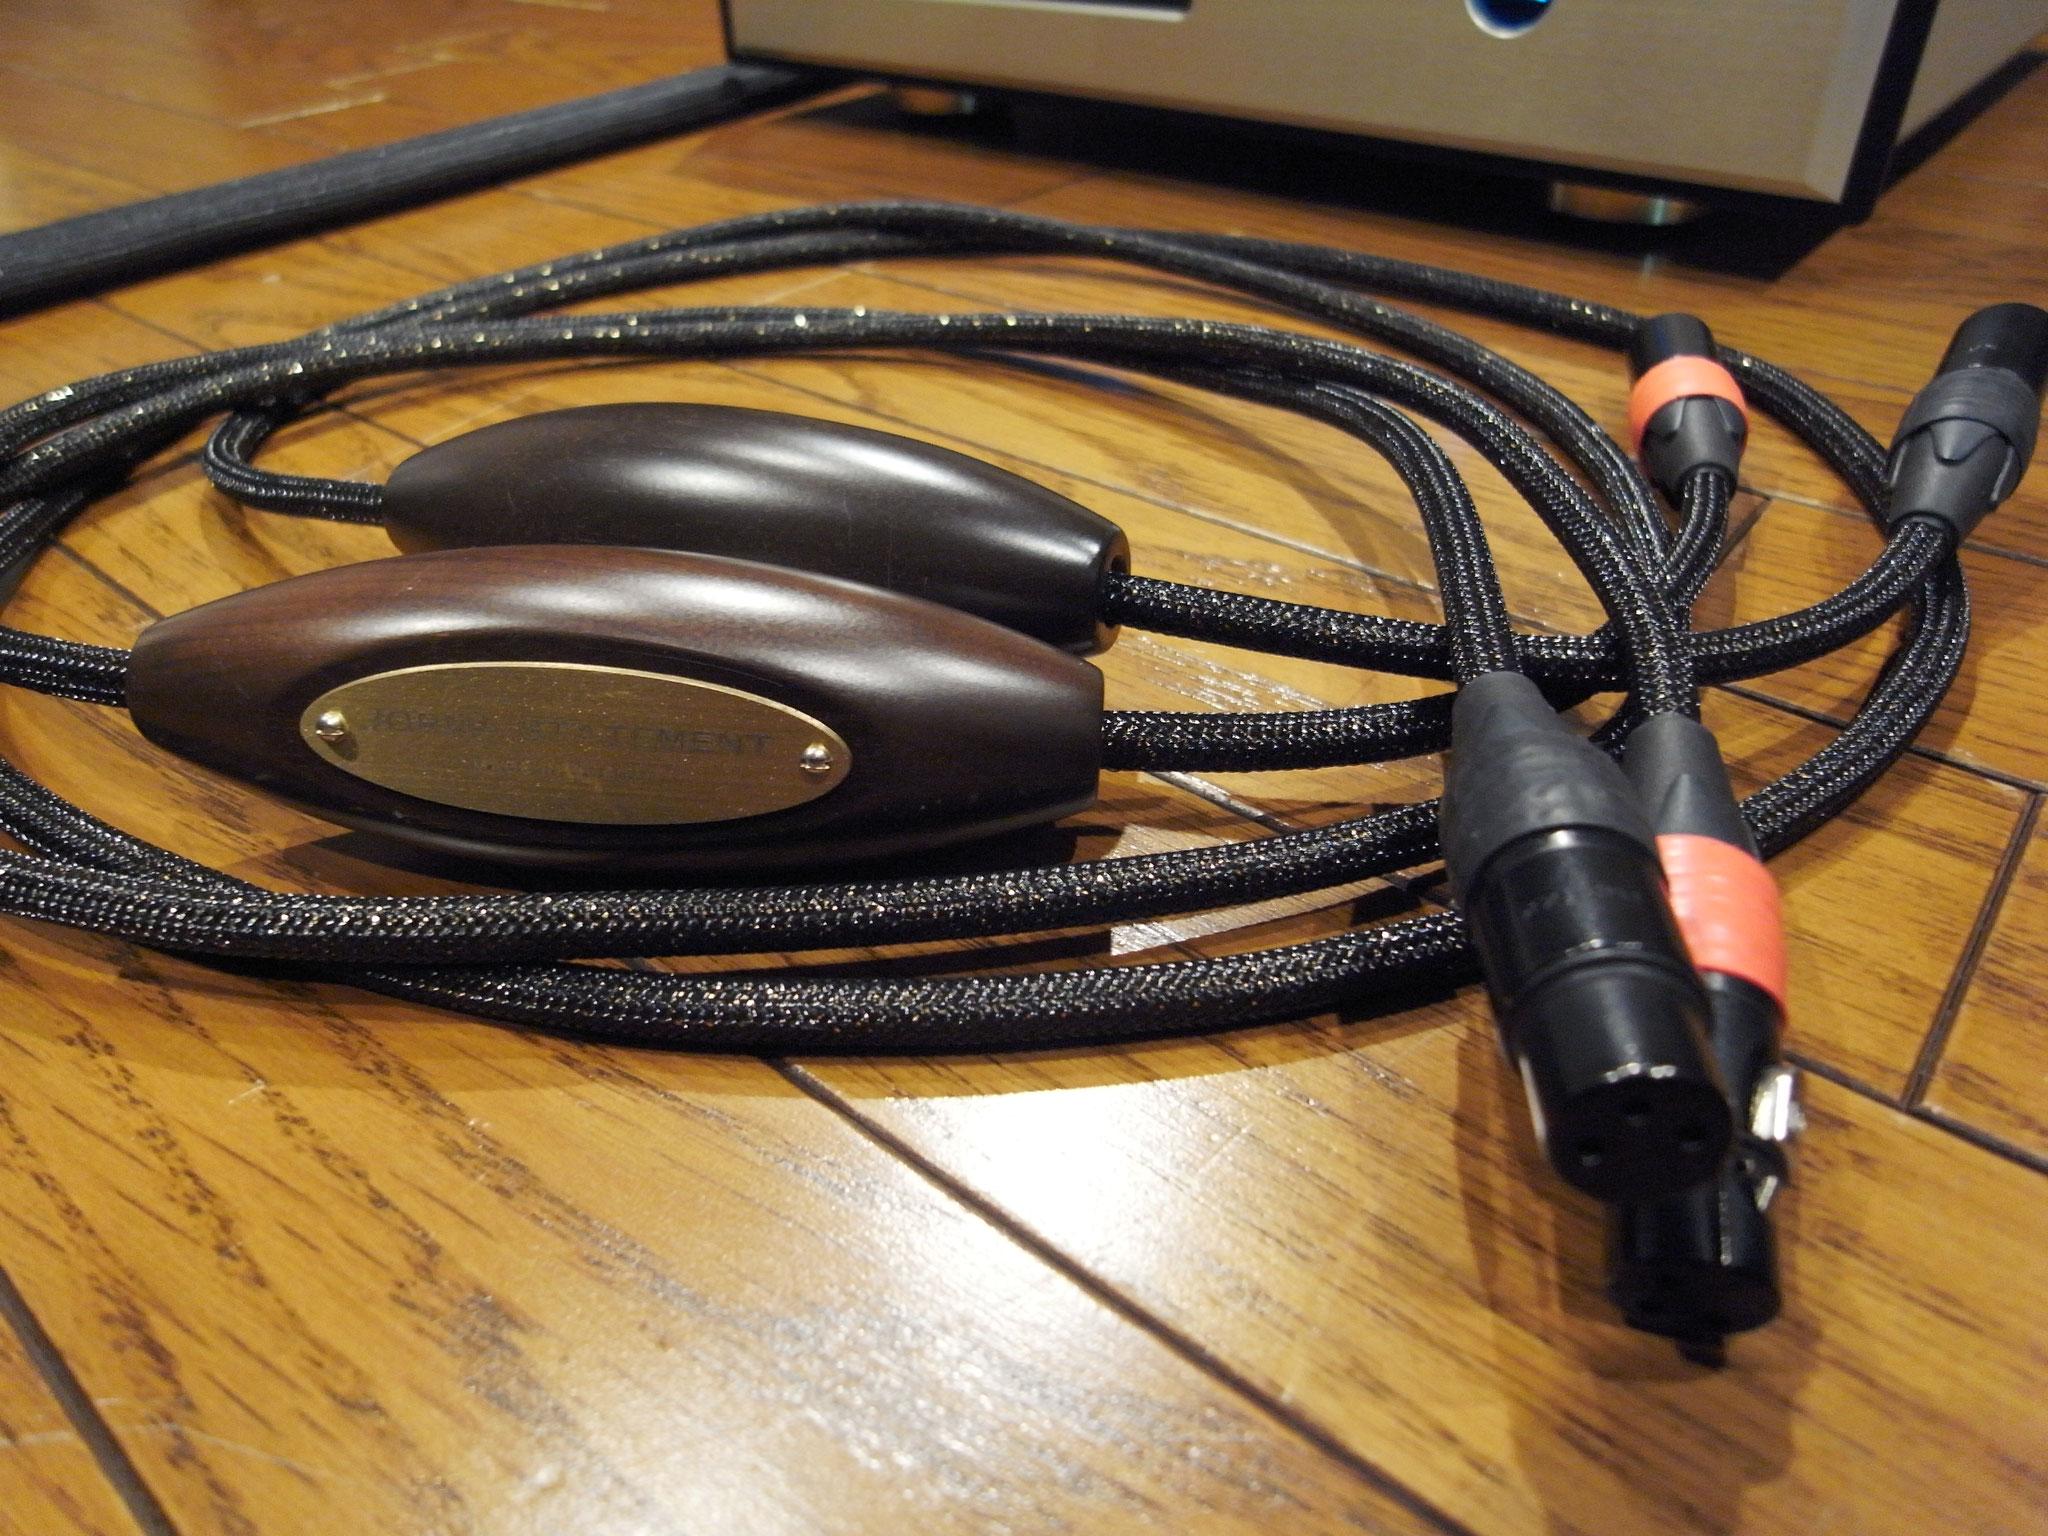 JORMA DESIGN STATEMENT XLR Cables